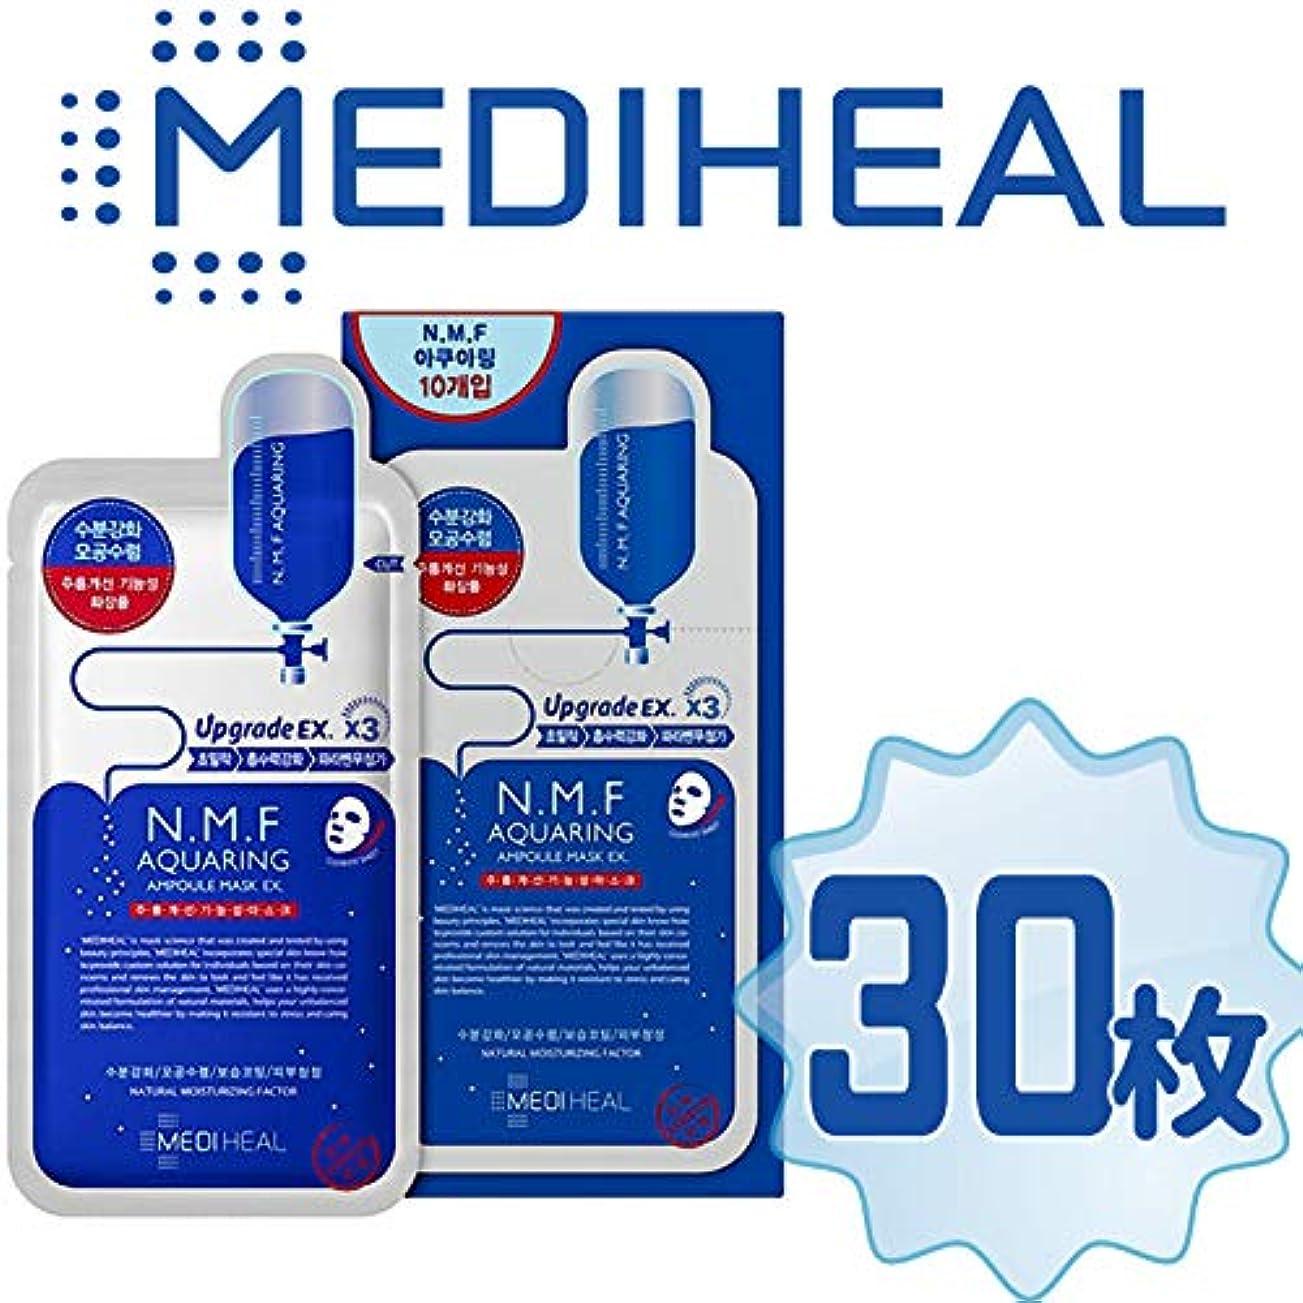 脅威民兵議題【正規輸入品】Mediheal メディヒール N.M.F アクアリング アンプル?マスクパックEX 10枚入り×3(Aquaring Ampoule Essential Mask PackEX 1box(10sheet)×3